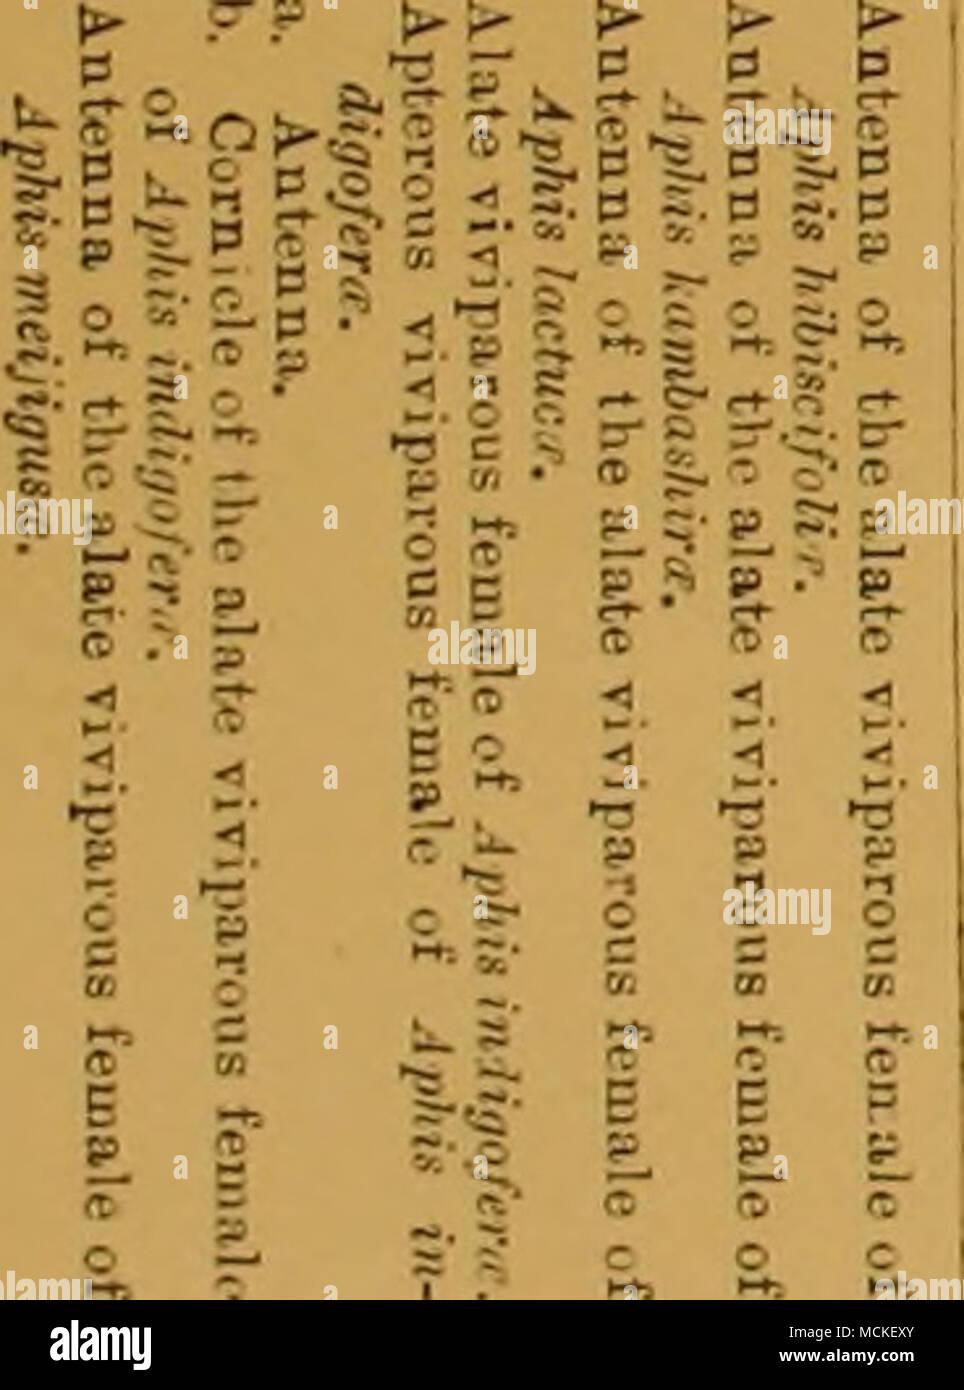 . Ma de l'alate fesale vivipasua ( Aphis???. a? Viviparcus feulalu viTipa ont mangé 01 rouleaux-feuialu C-I % ato-ivil>artss feu ale de Tivit mangé il ulaie-arcus-de Banque D'Images